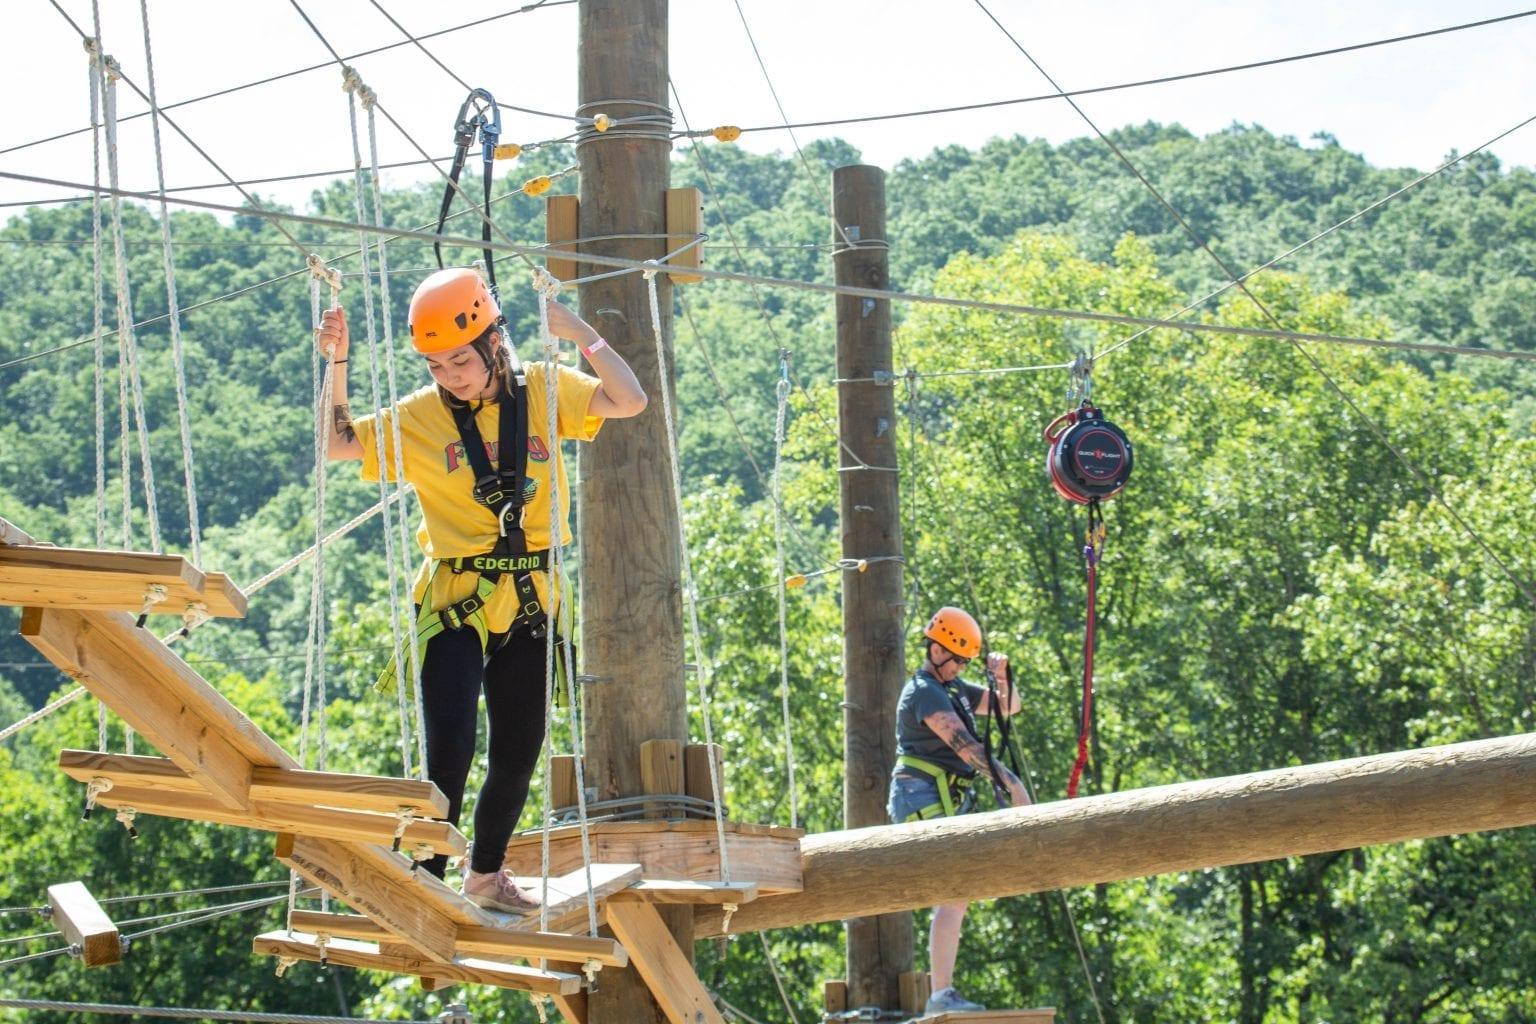 Aerial Adventure Park Ace Adventure Resort